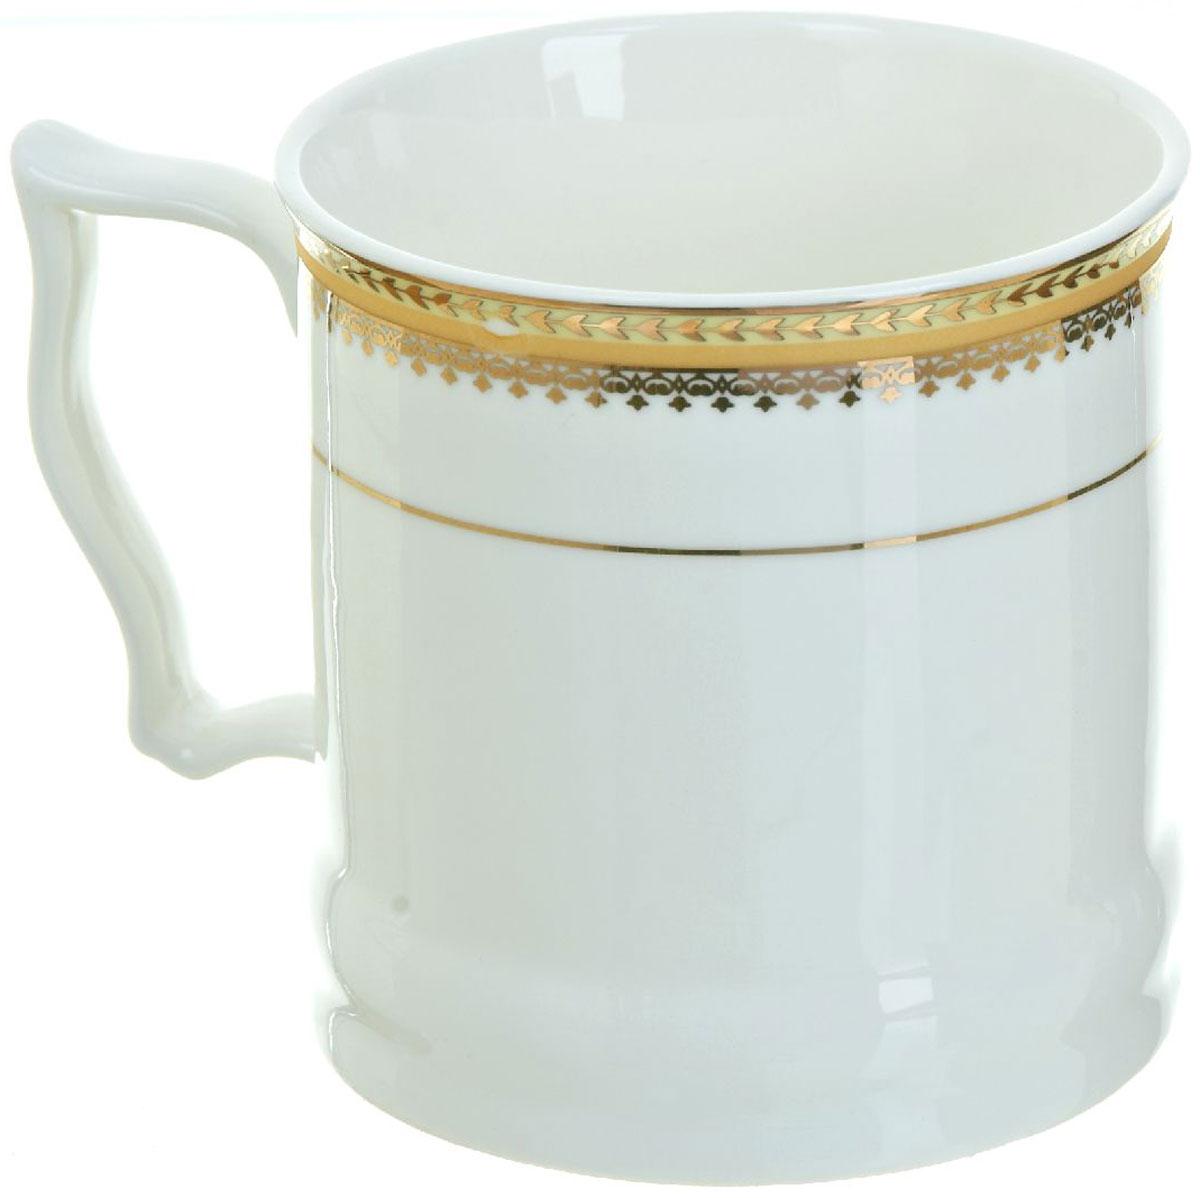 Кружка BHP Королевская кружка, 500 мл. 1870009115510Оригинальная кружка Best Home Porcelain, выполненная из высококачественного фарфора, сочетает в себе простой, утонченный дизайн с максимальной функциональностью. Оригинальность оформления придутся по вкусу тем, кто ценит индивидуальность.Можно использовать в посудомоечной машине.